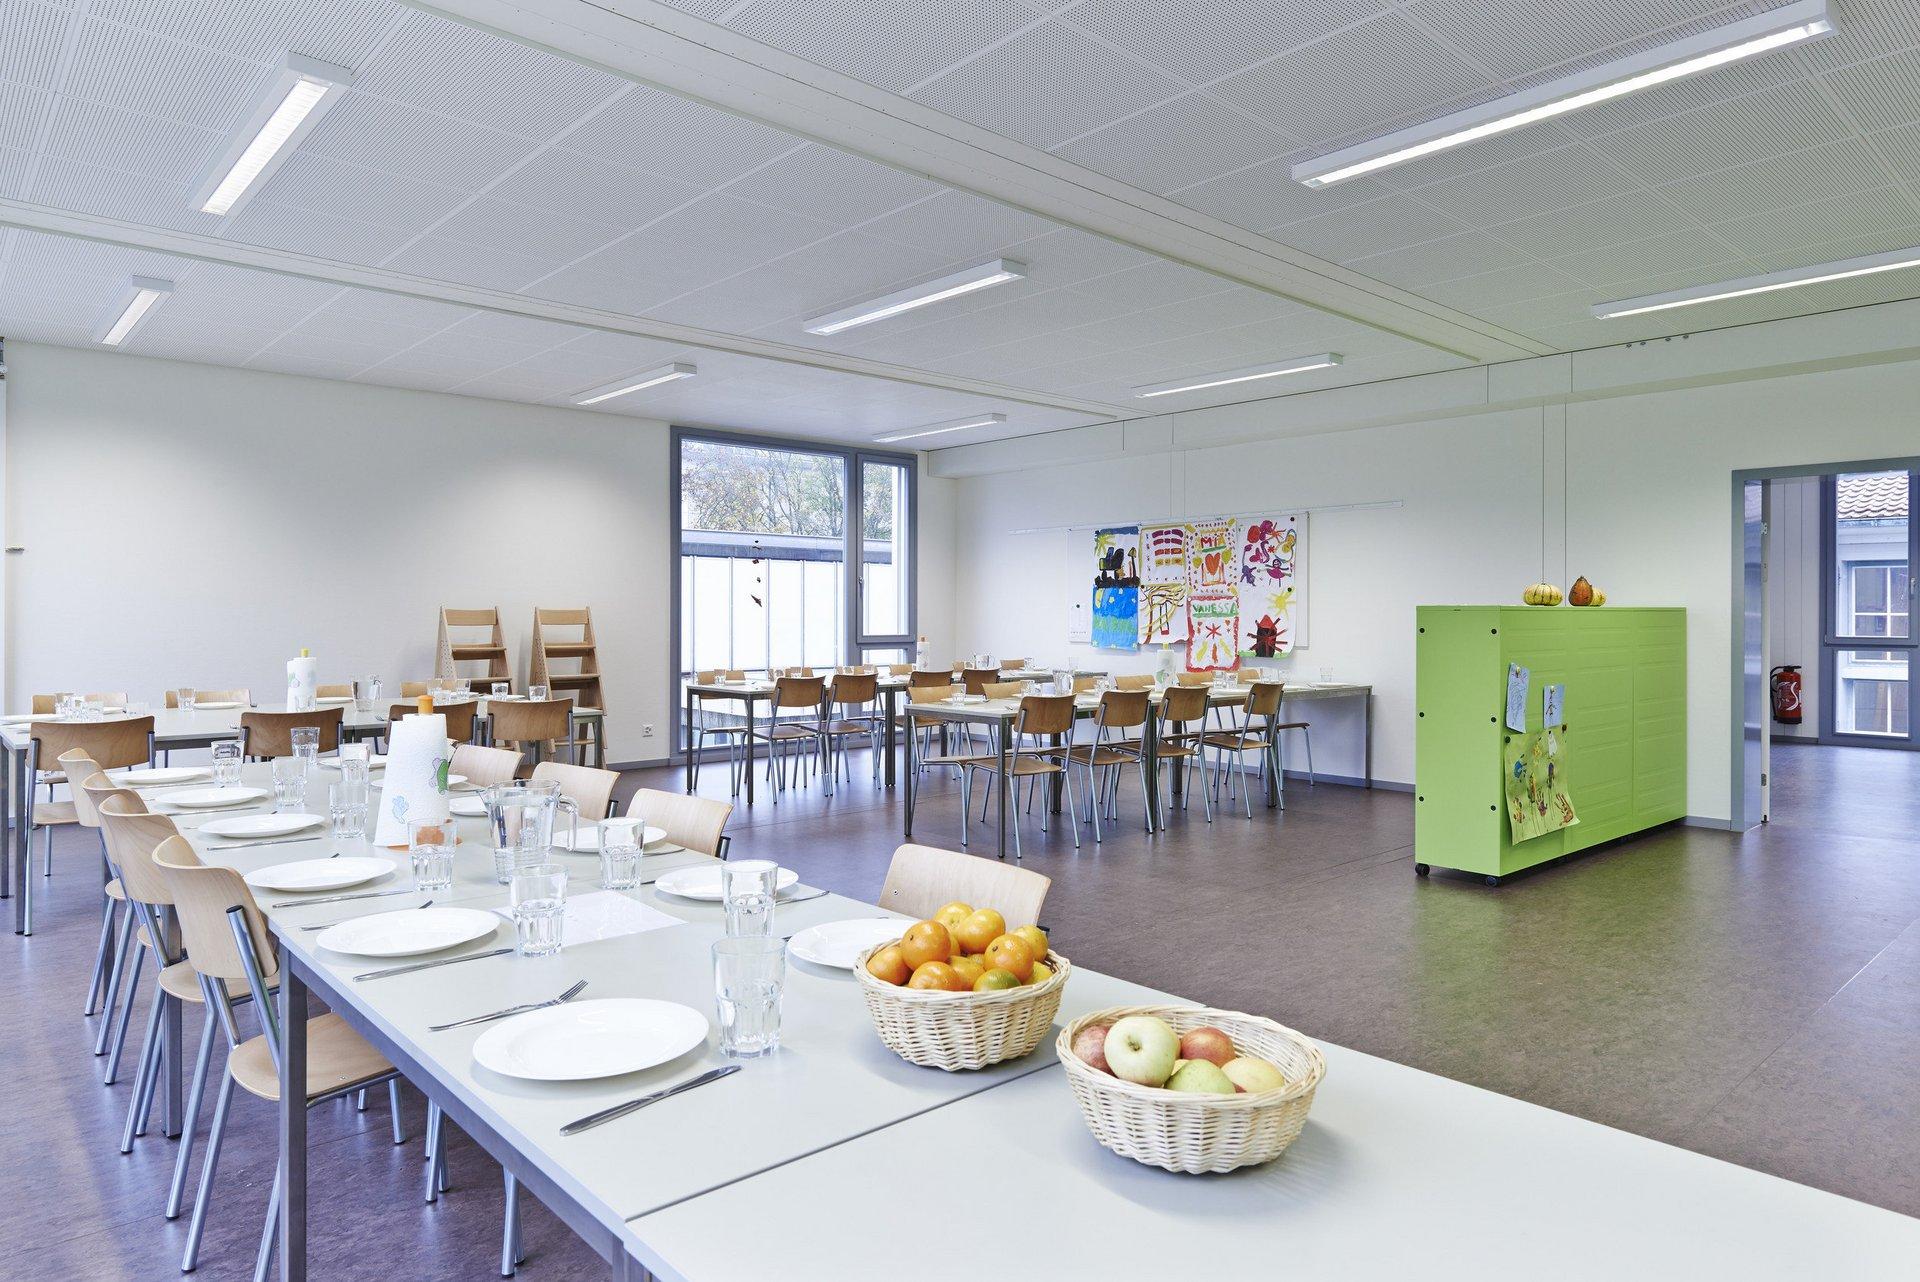 Essenssaal Kindergarten grosse lichtdurchlässige Fenster